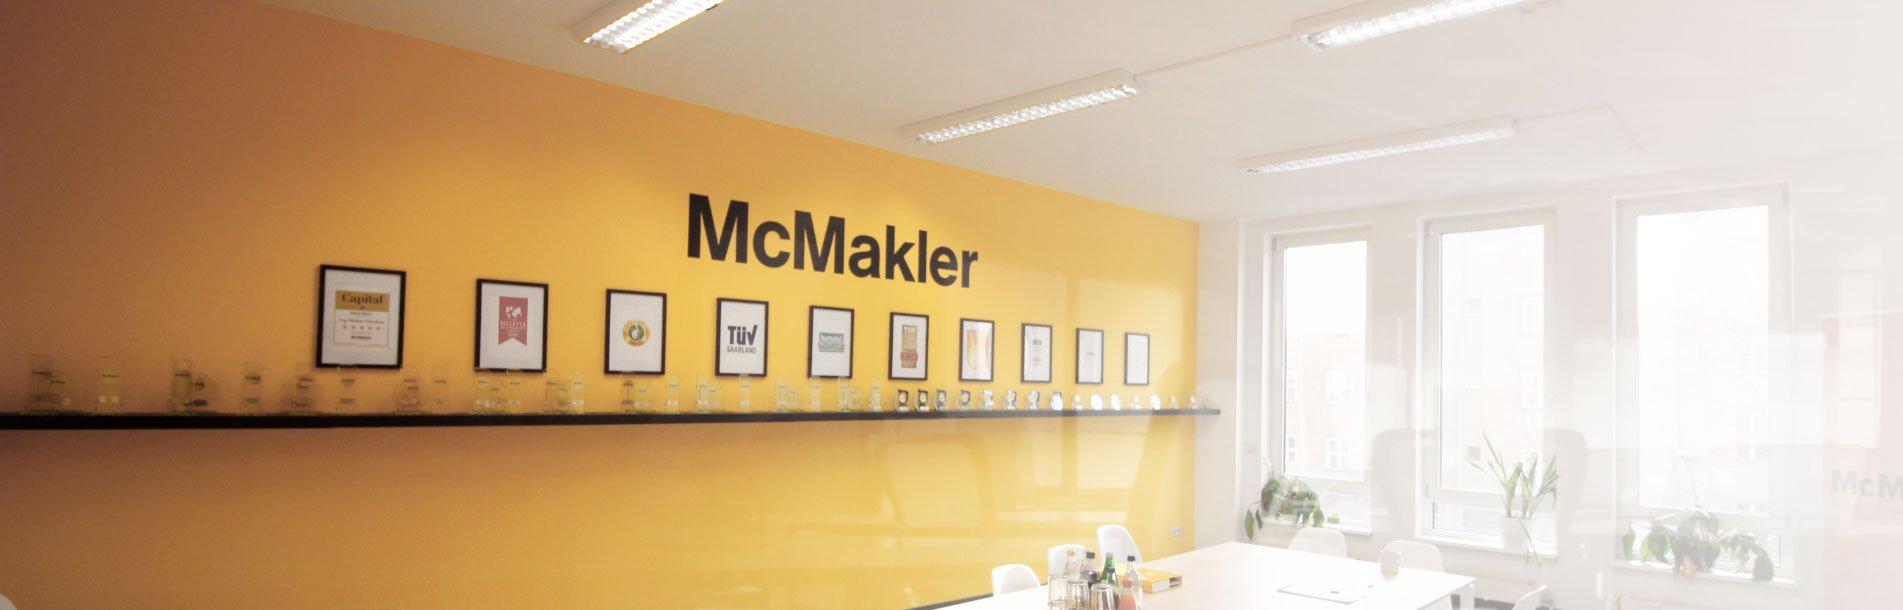 Meetingraum im Berliner Headquarter